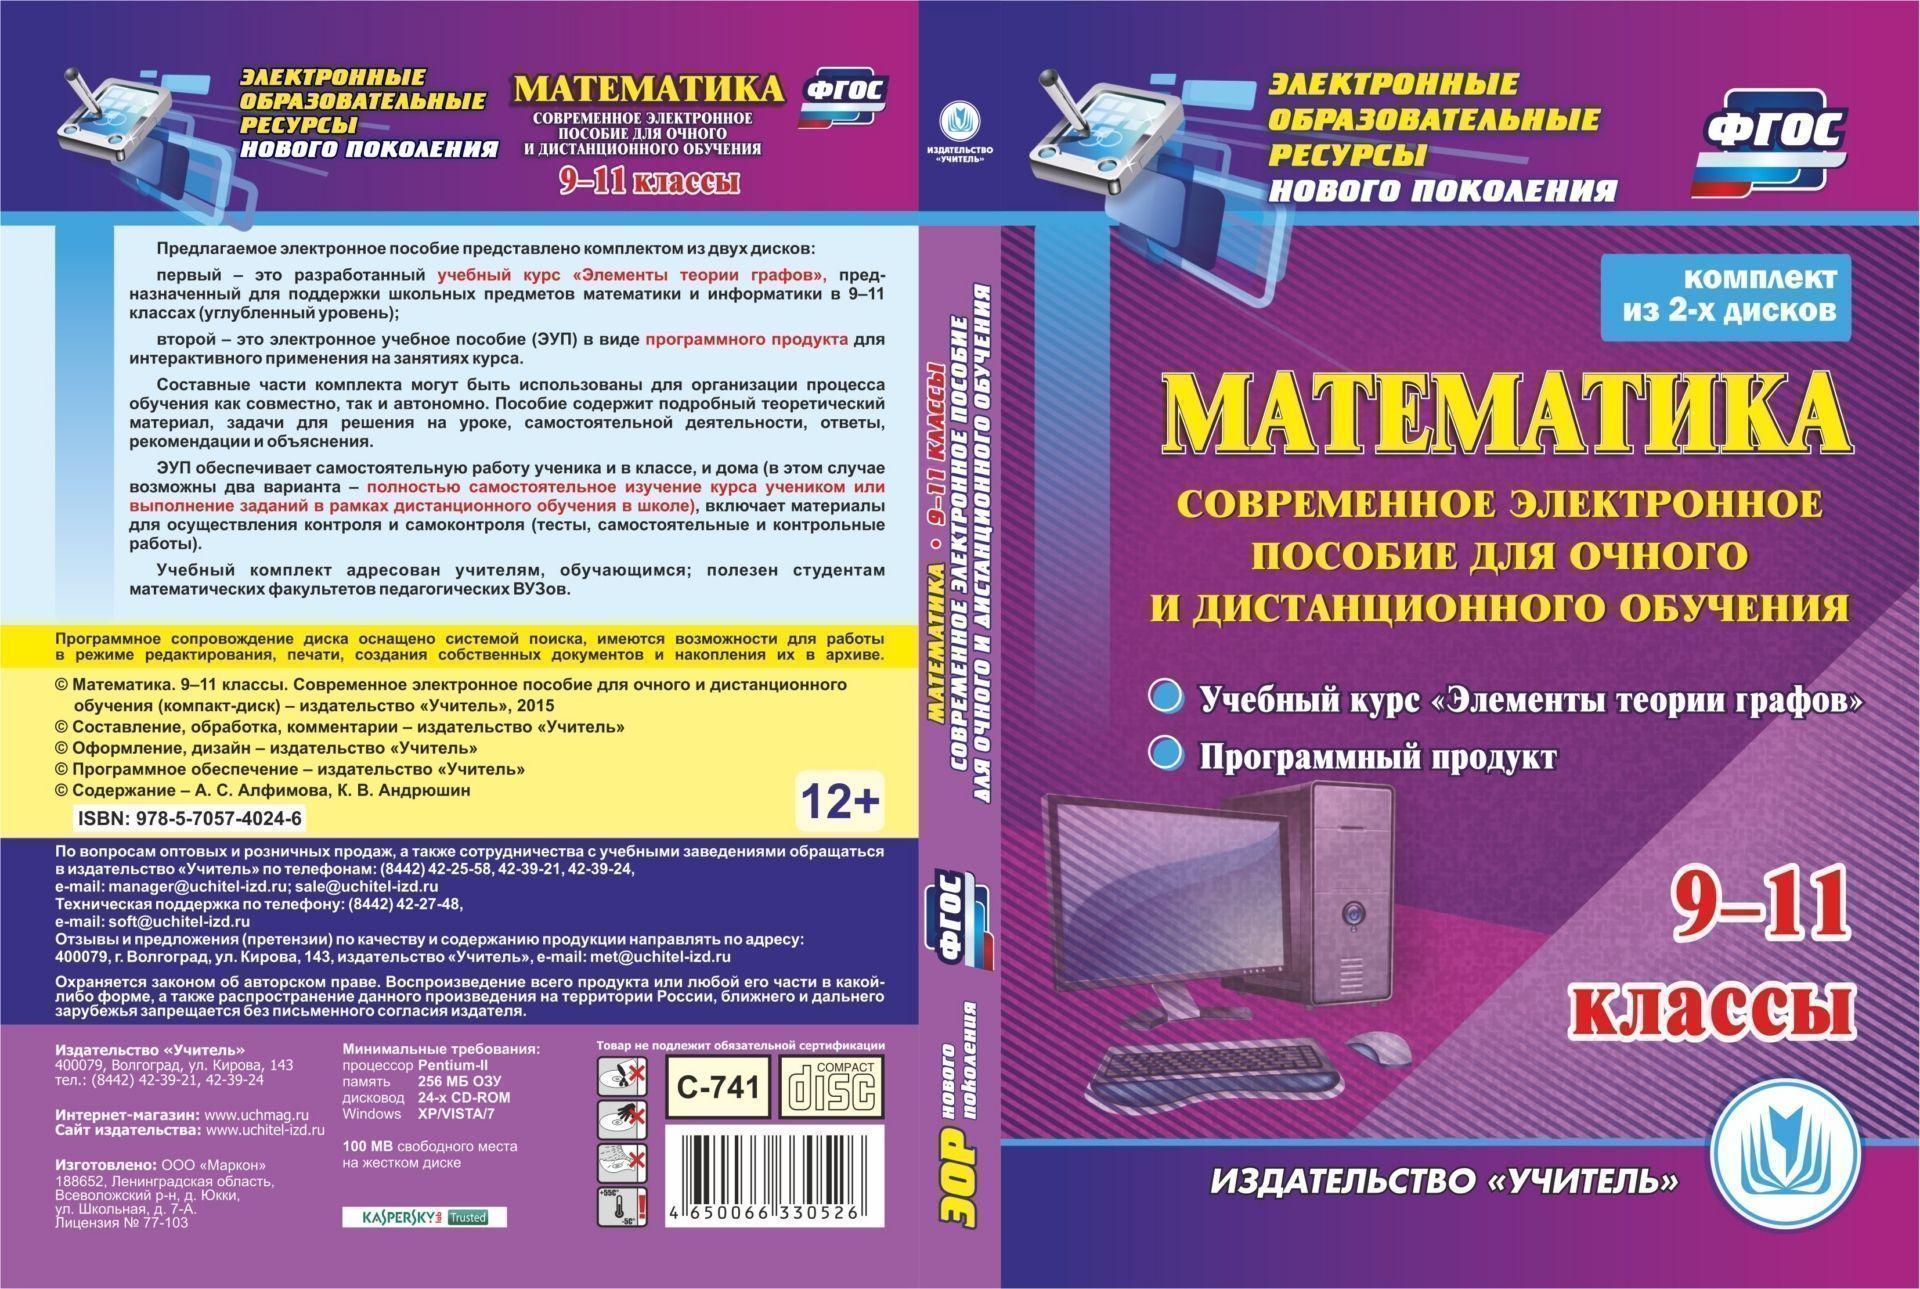 """Математика. 9-11 классы. Современное электронное пособие для очного и дистанционного обучения. Комплект из 2 компакт-дисков для компьютера: Учебный курс """"Элементы теории графов"""". Программный продукт"""